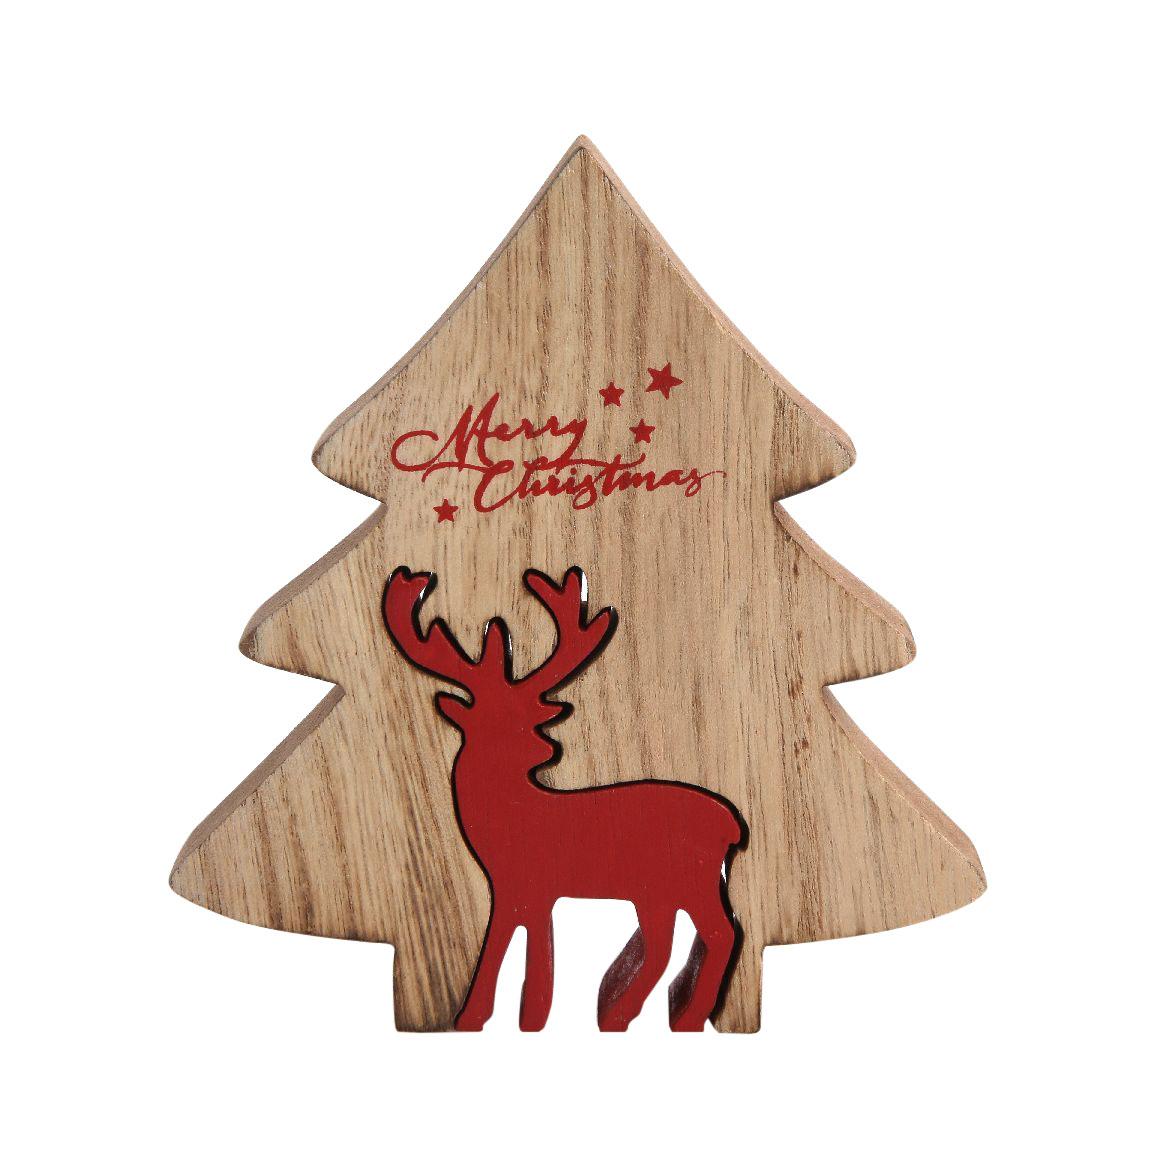 Figurka drewniana świąteczna Boże Narodzenie Altom Design Renifer z choinką 16x17x2 cm